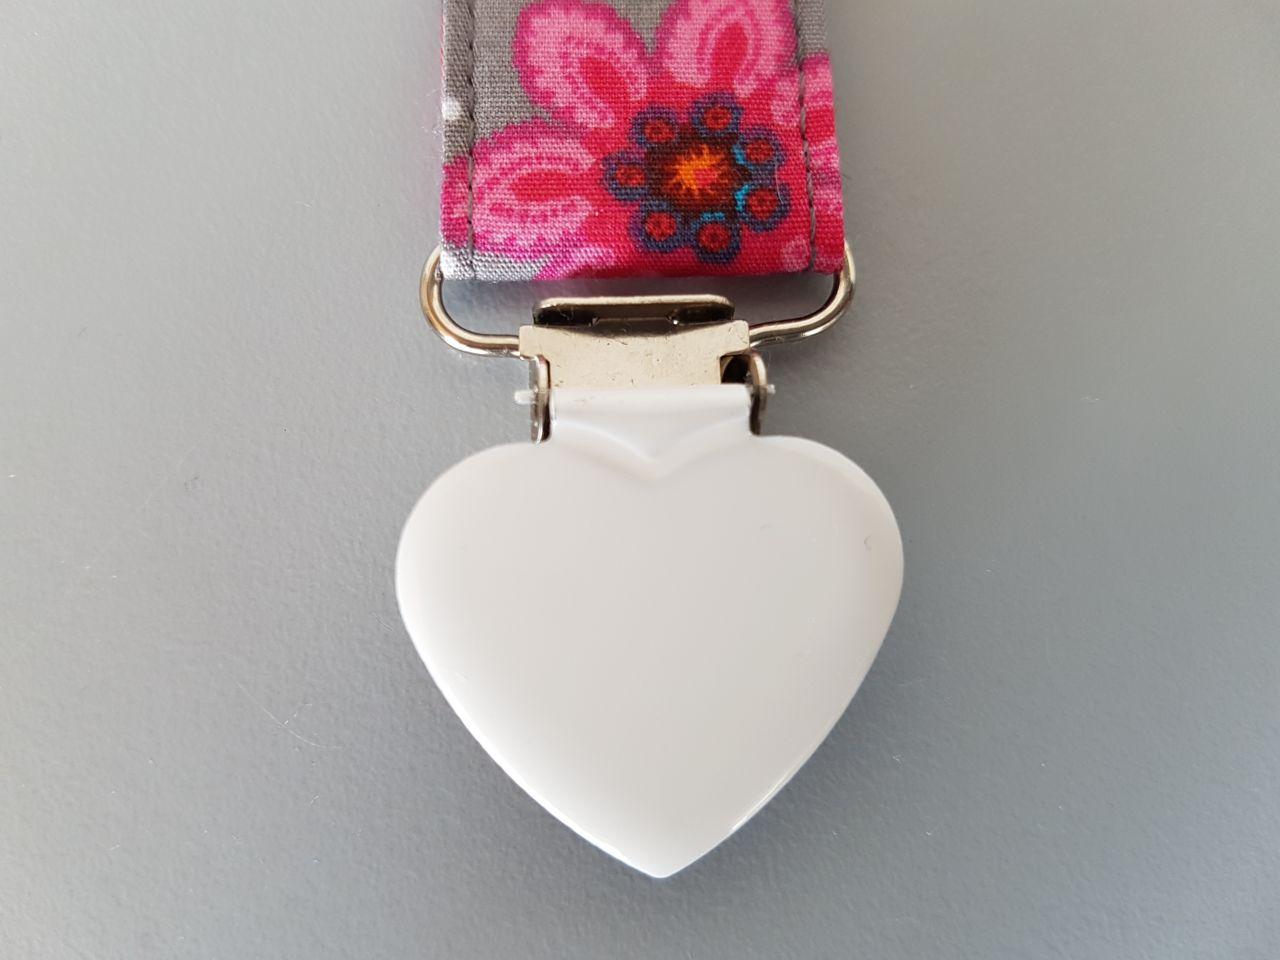 Fruffel servethouder Laura detailfoto van de sluiting in de vorm van een hartje